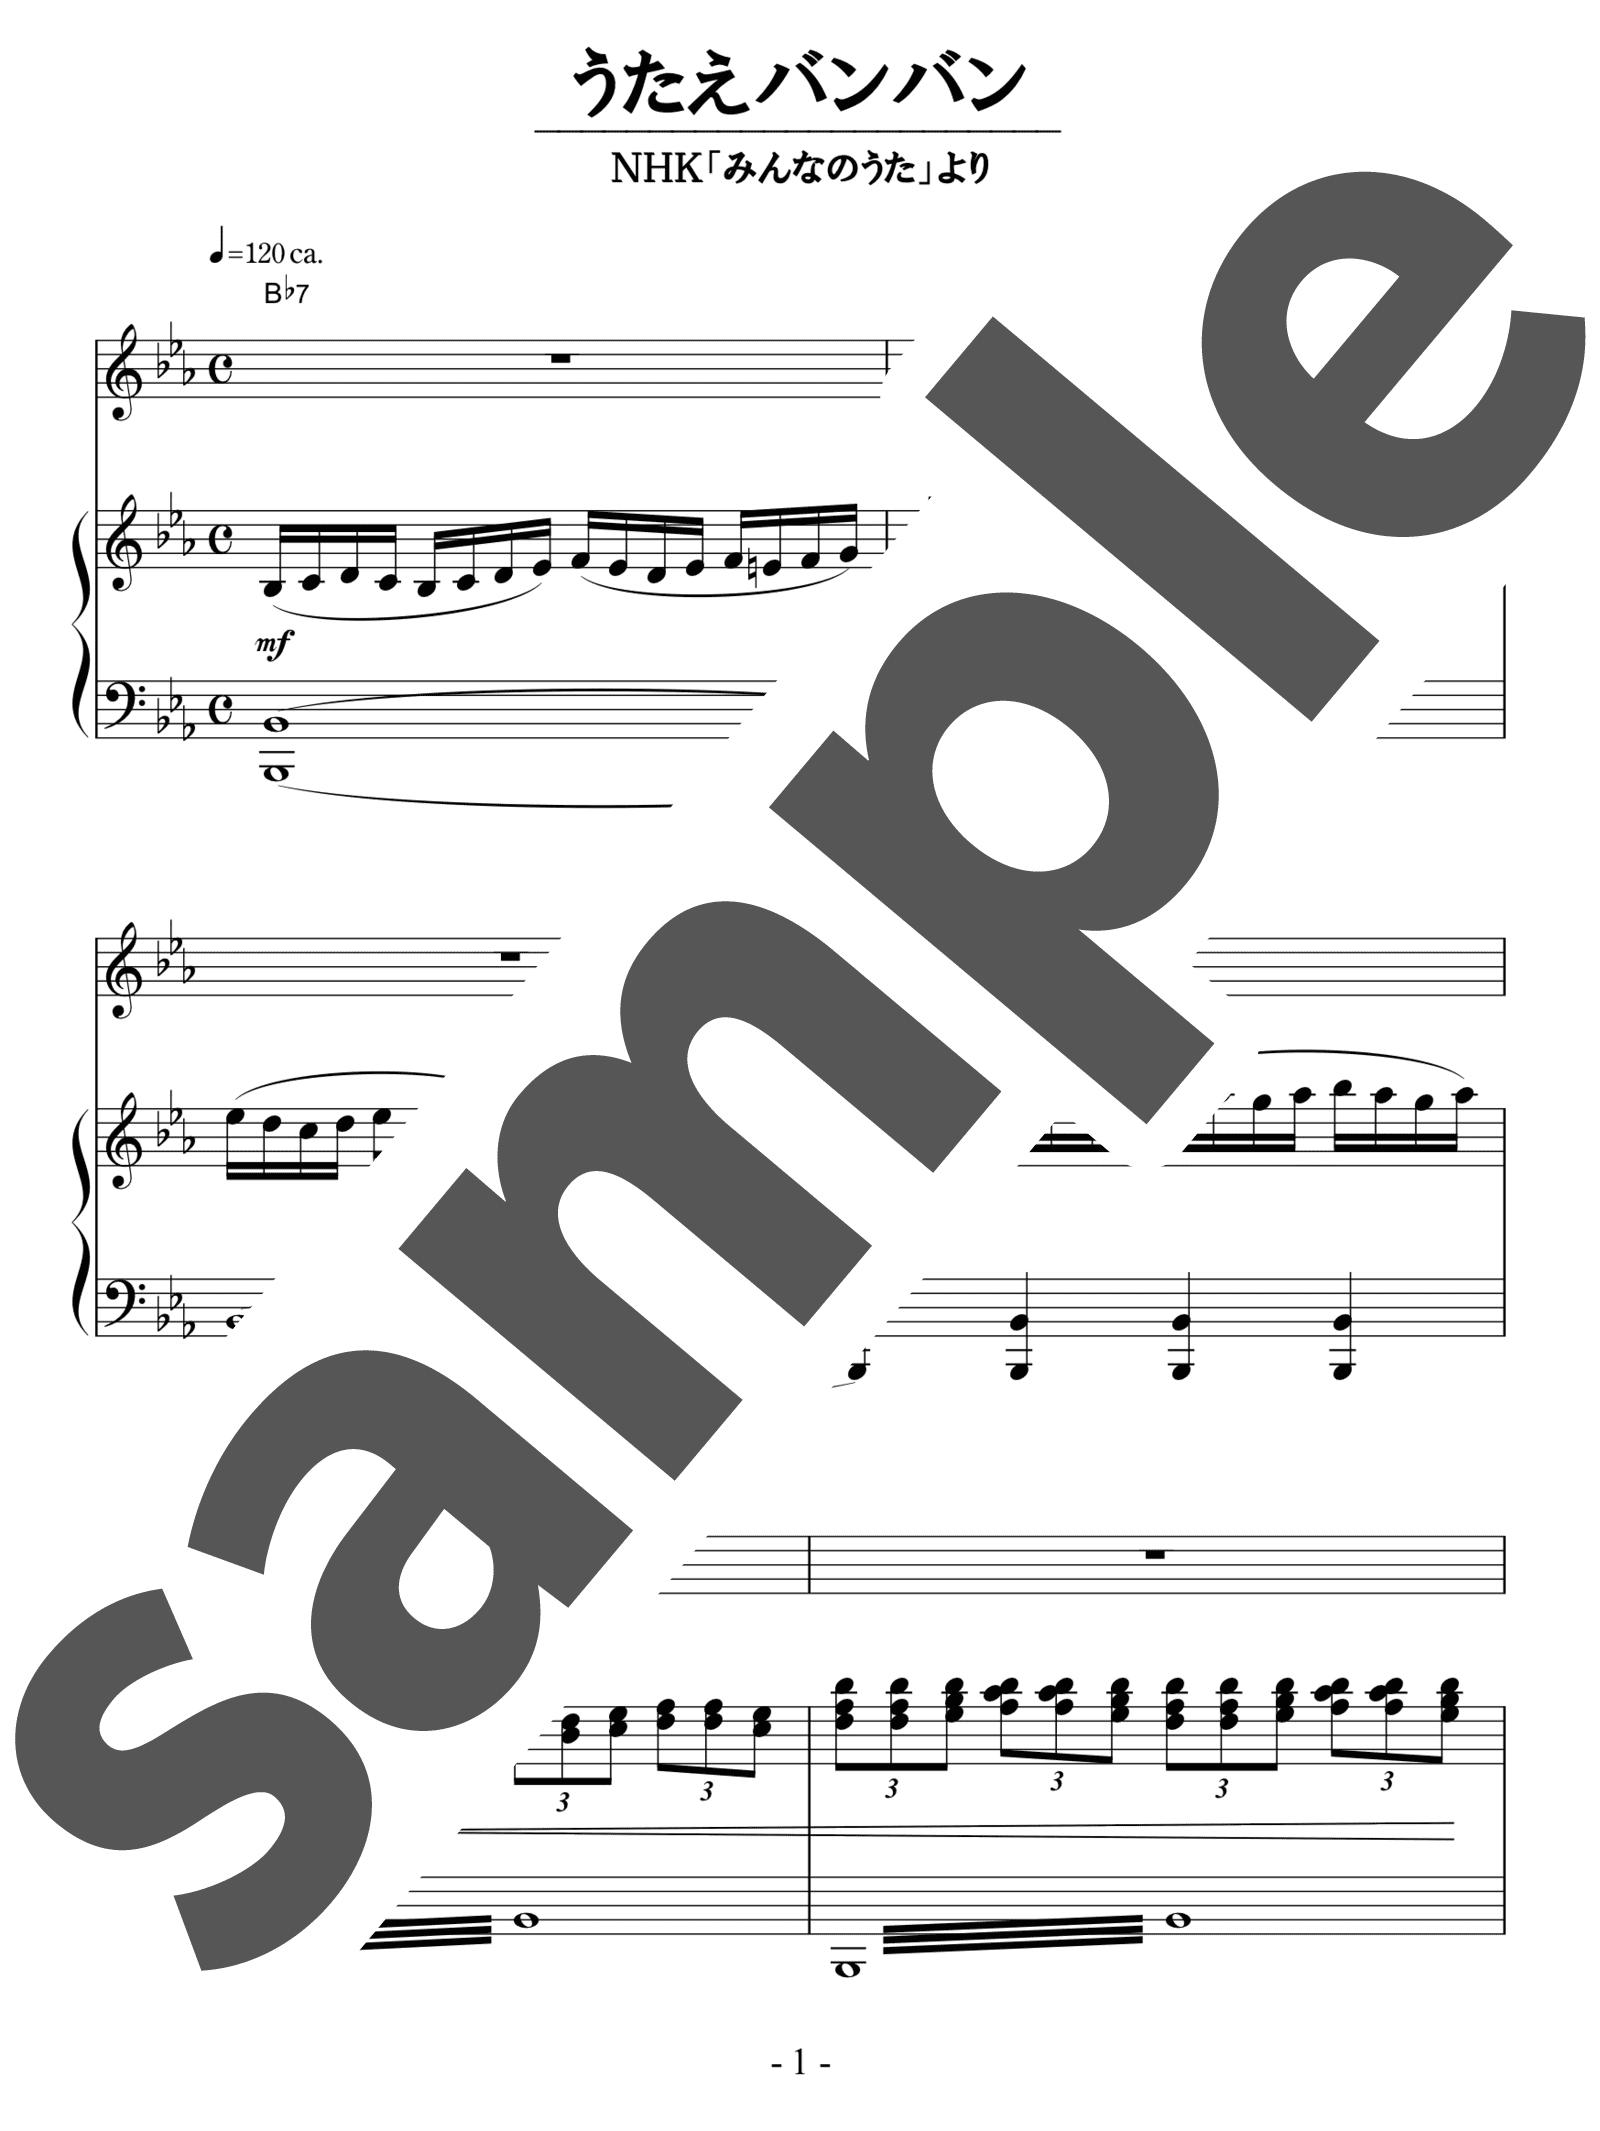 「歌えバンバン」のサンプル楽譜